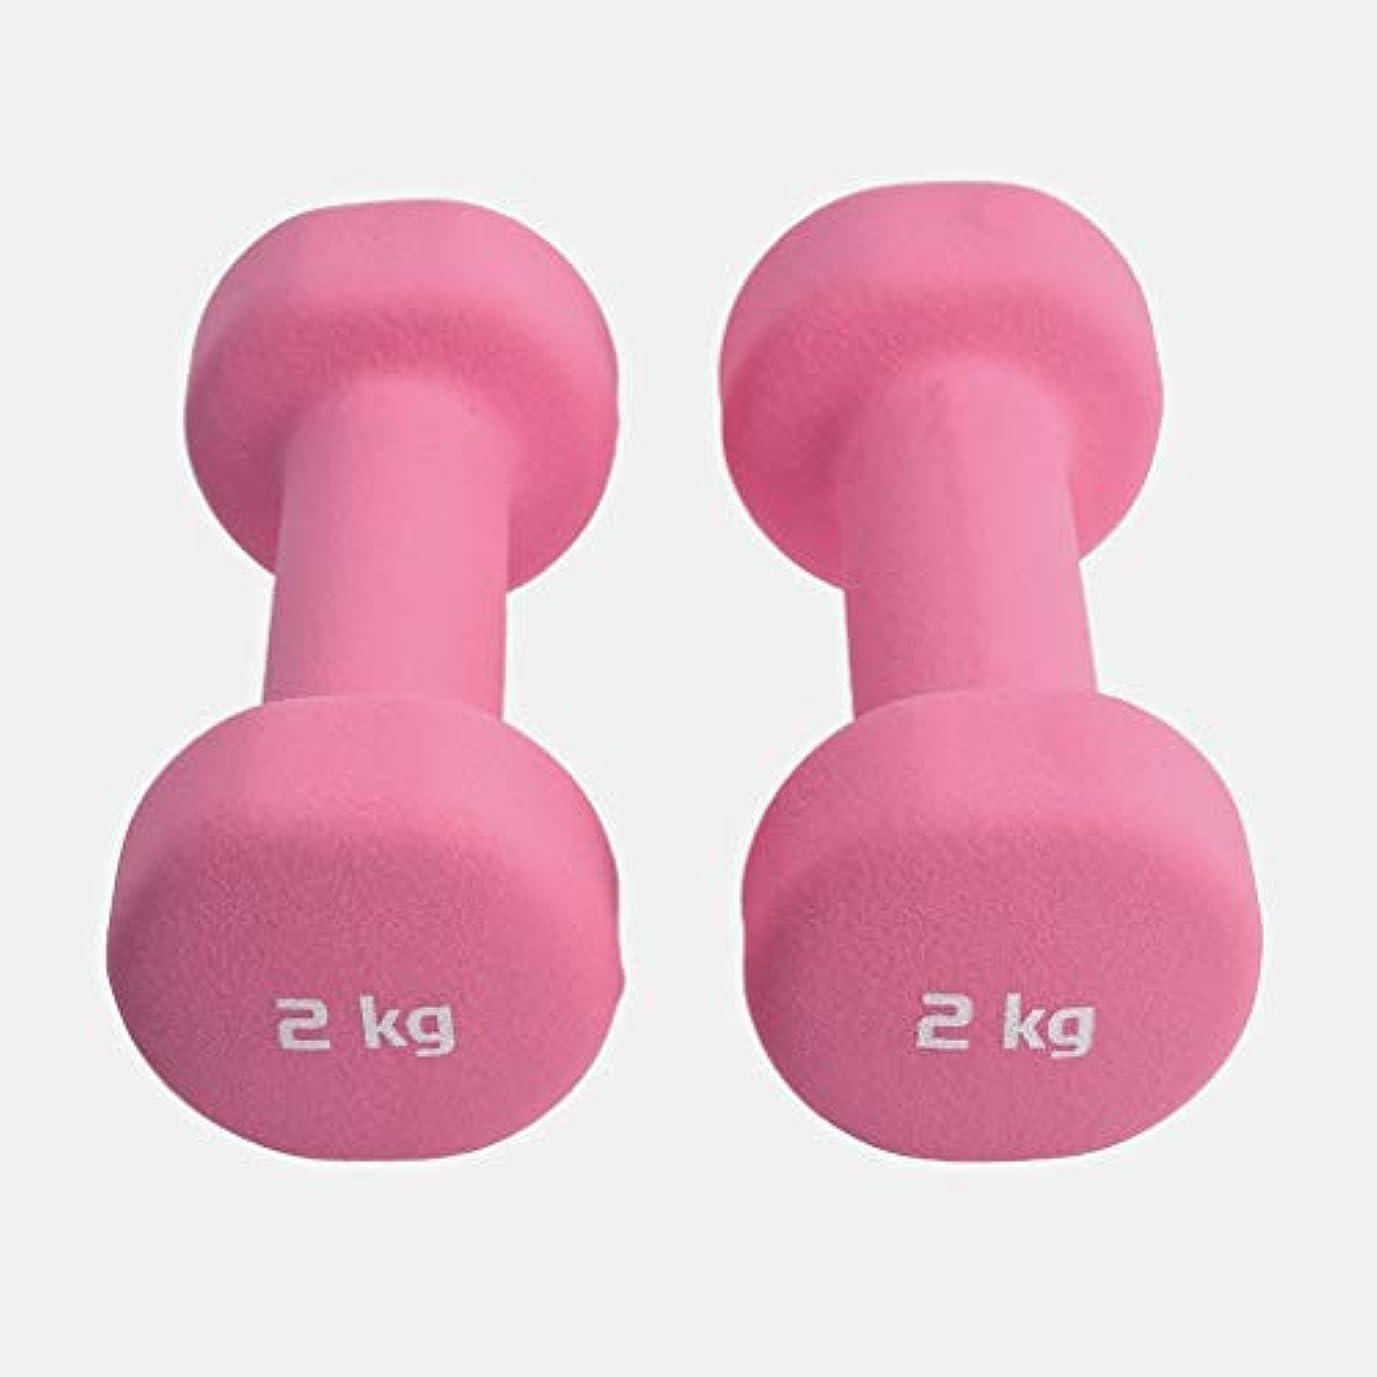 誘惑する説得力のあるドールヨガダンベル コアと筋力トレーニング人間工学的すべり止めコンフォートグリップのためディップダンベルホームスポーツ用品エクササイズウェイト ダンベルカバー (Color : Pink, サイズ : 4kg pair)